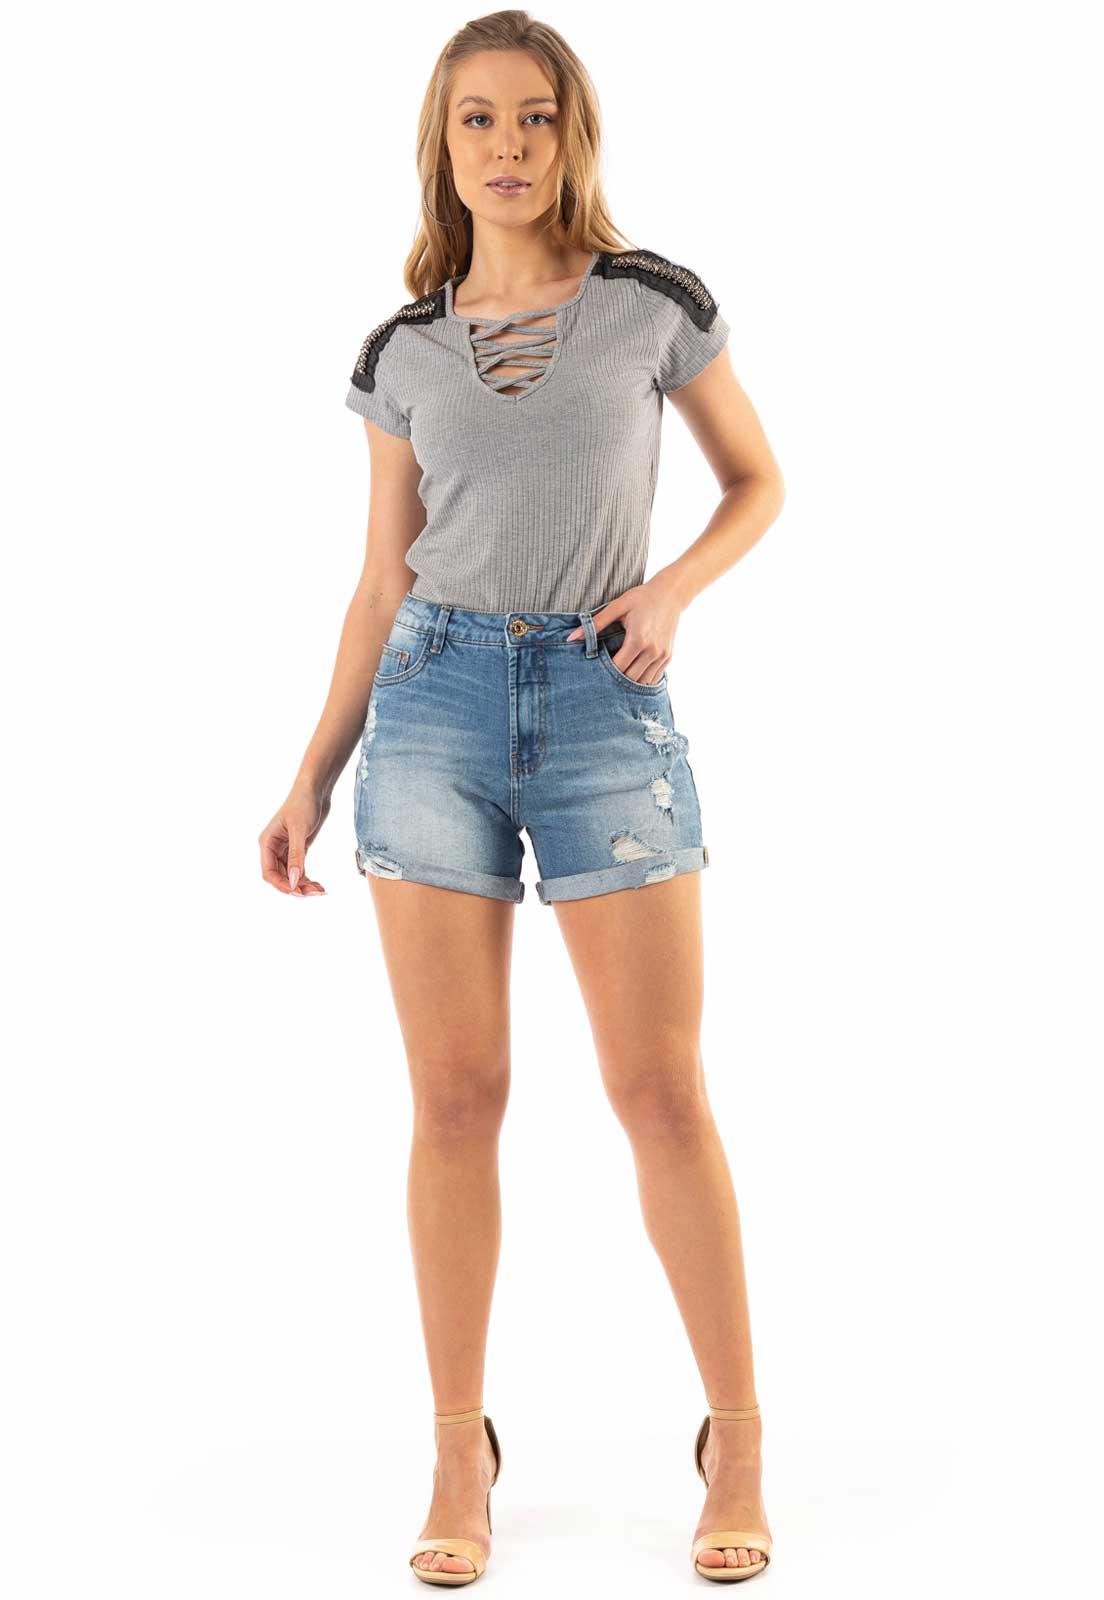 Blusa Dioxes com Decote Transpassado e Ombreira Cinza